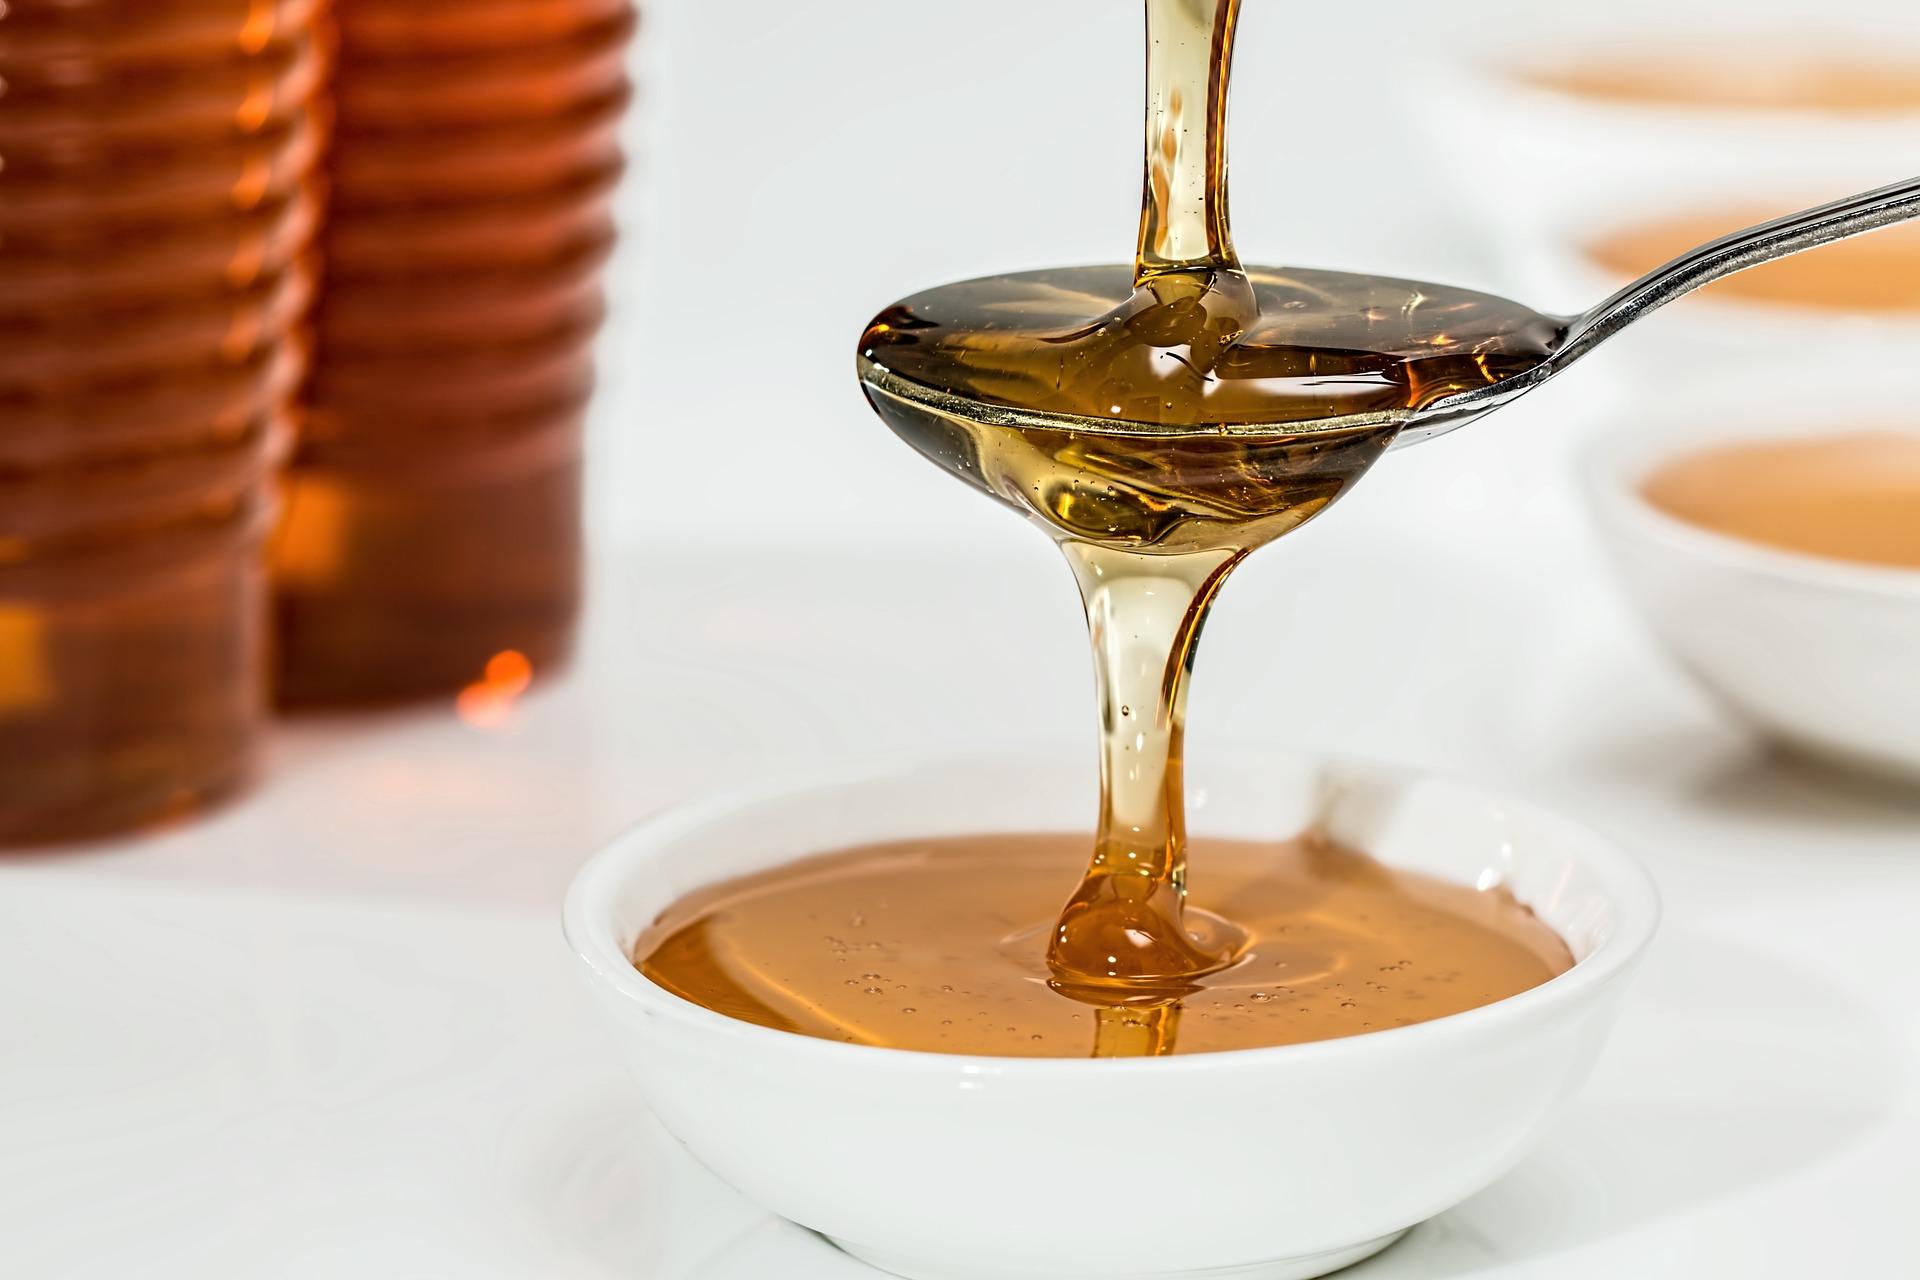 Castagne al miele e burro ricetta: sfiziose e invitanti